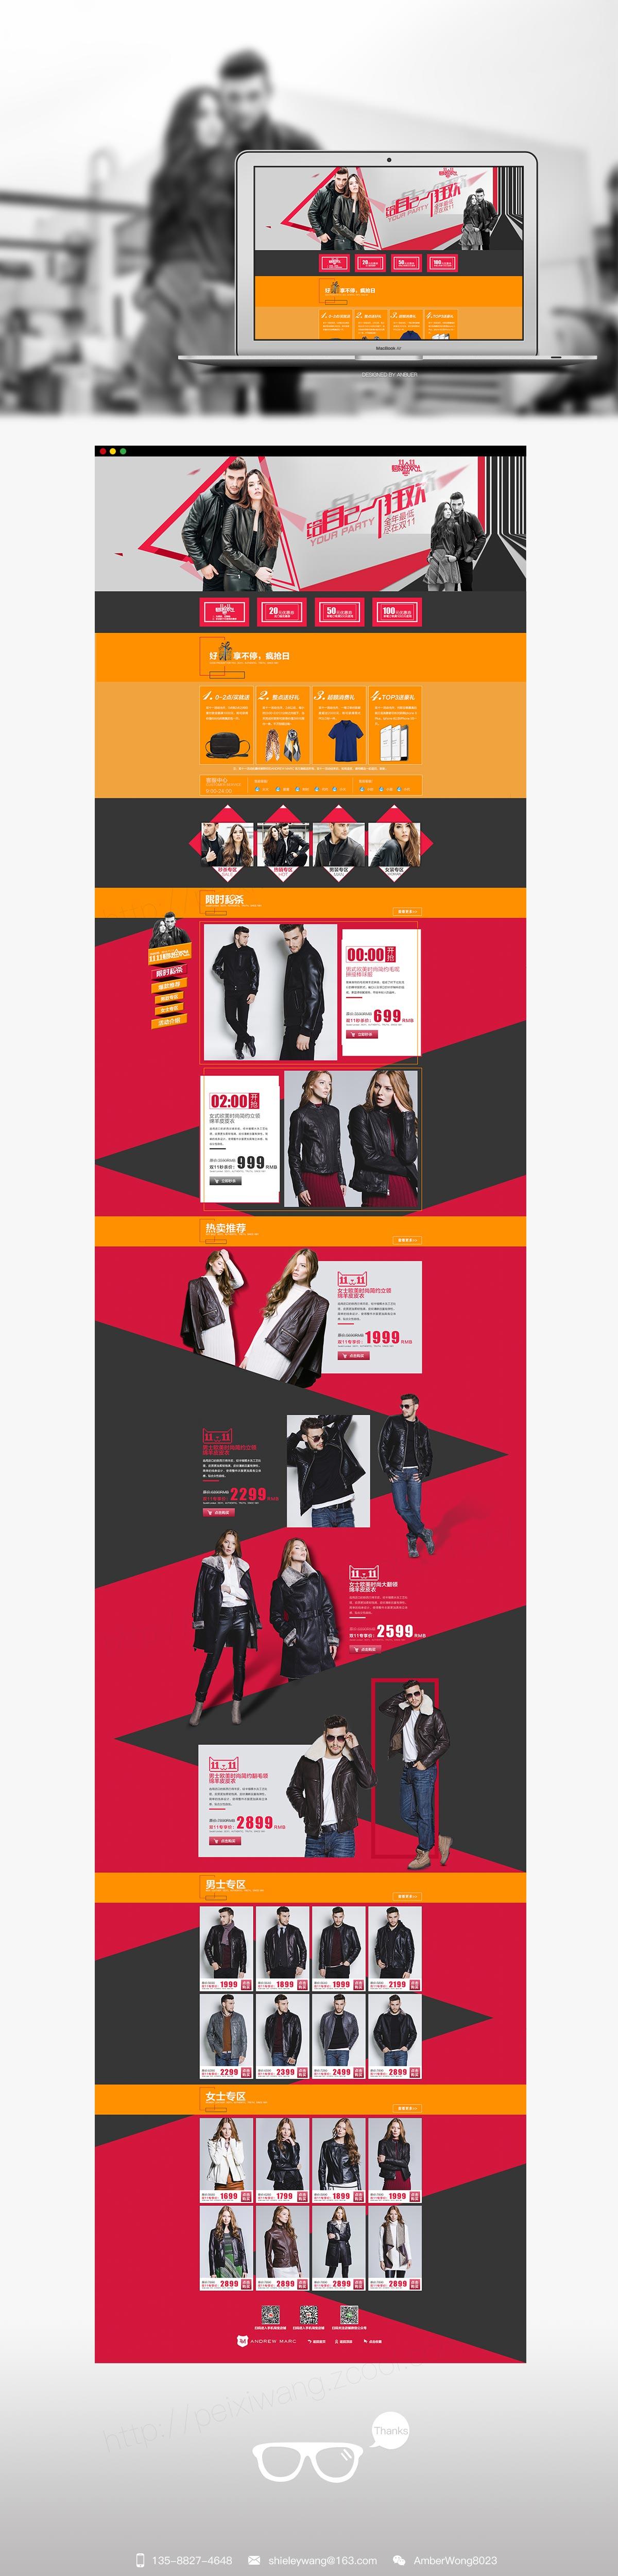 双十一专题设计|网页|电商|amberwong8023 - 原创作品图片